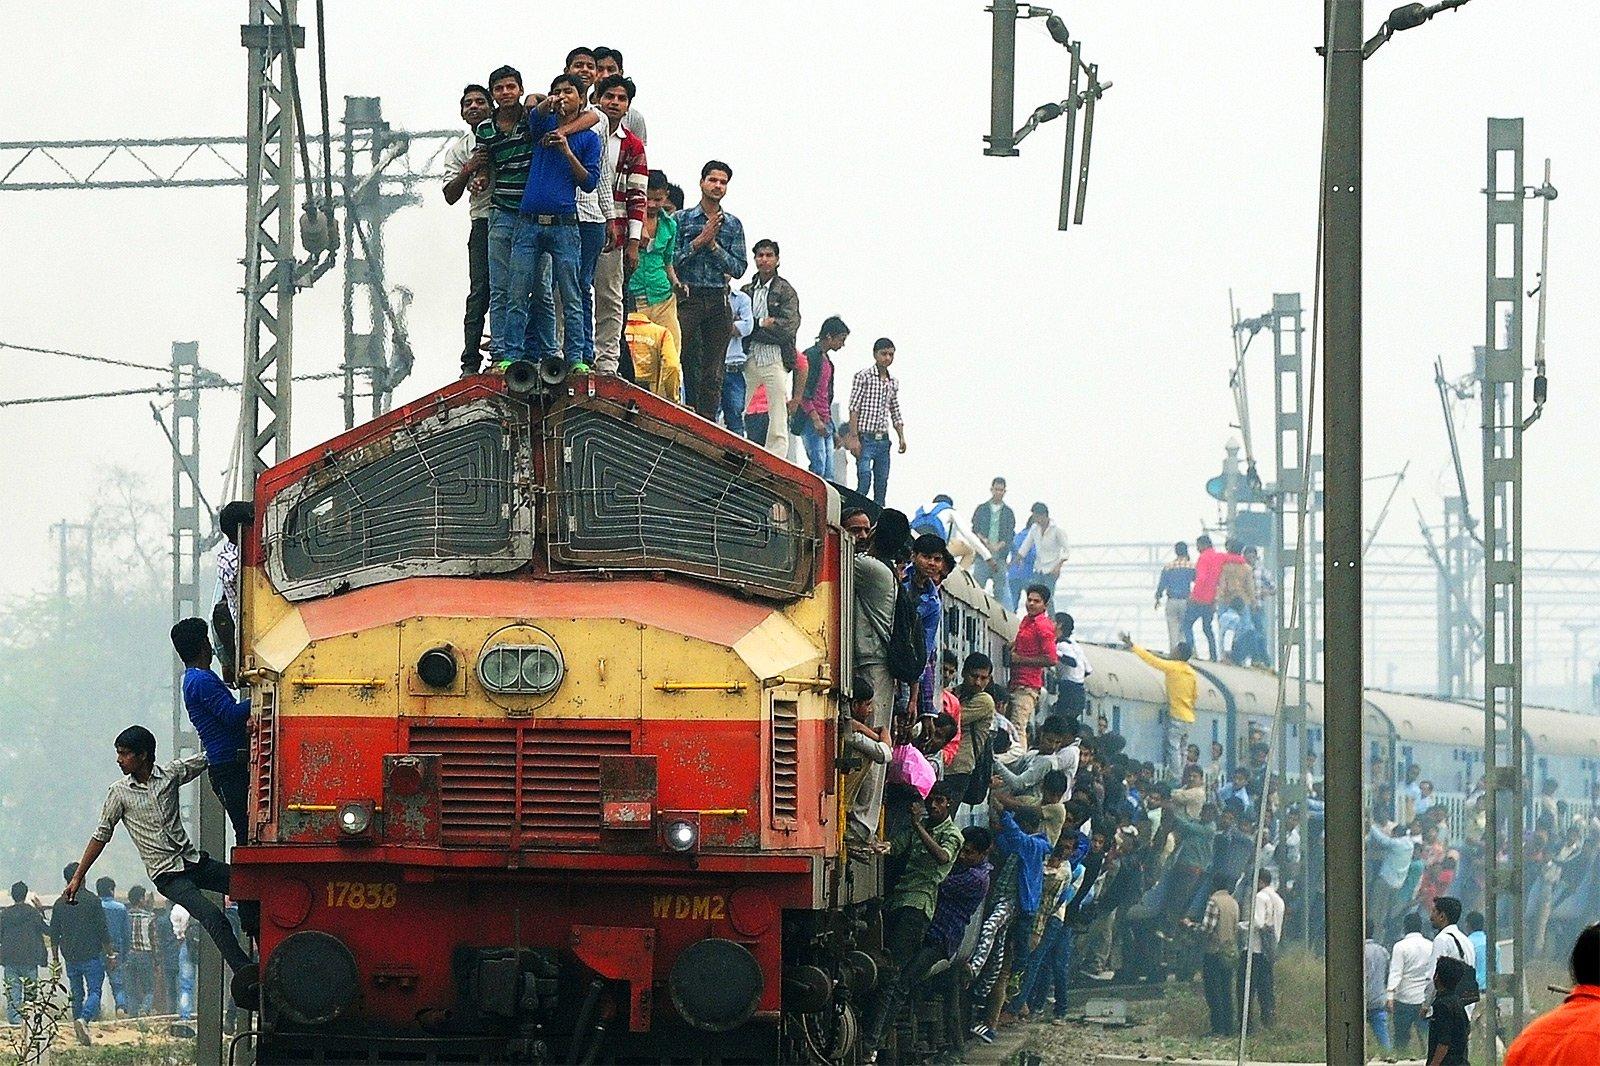 поезда в индии с людьми фото разглядывать